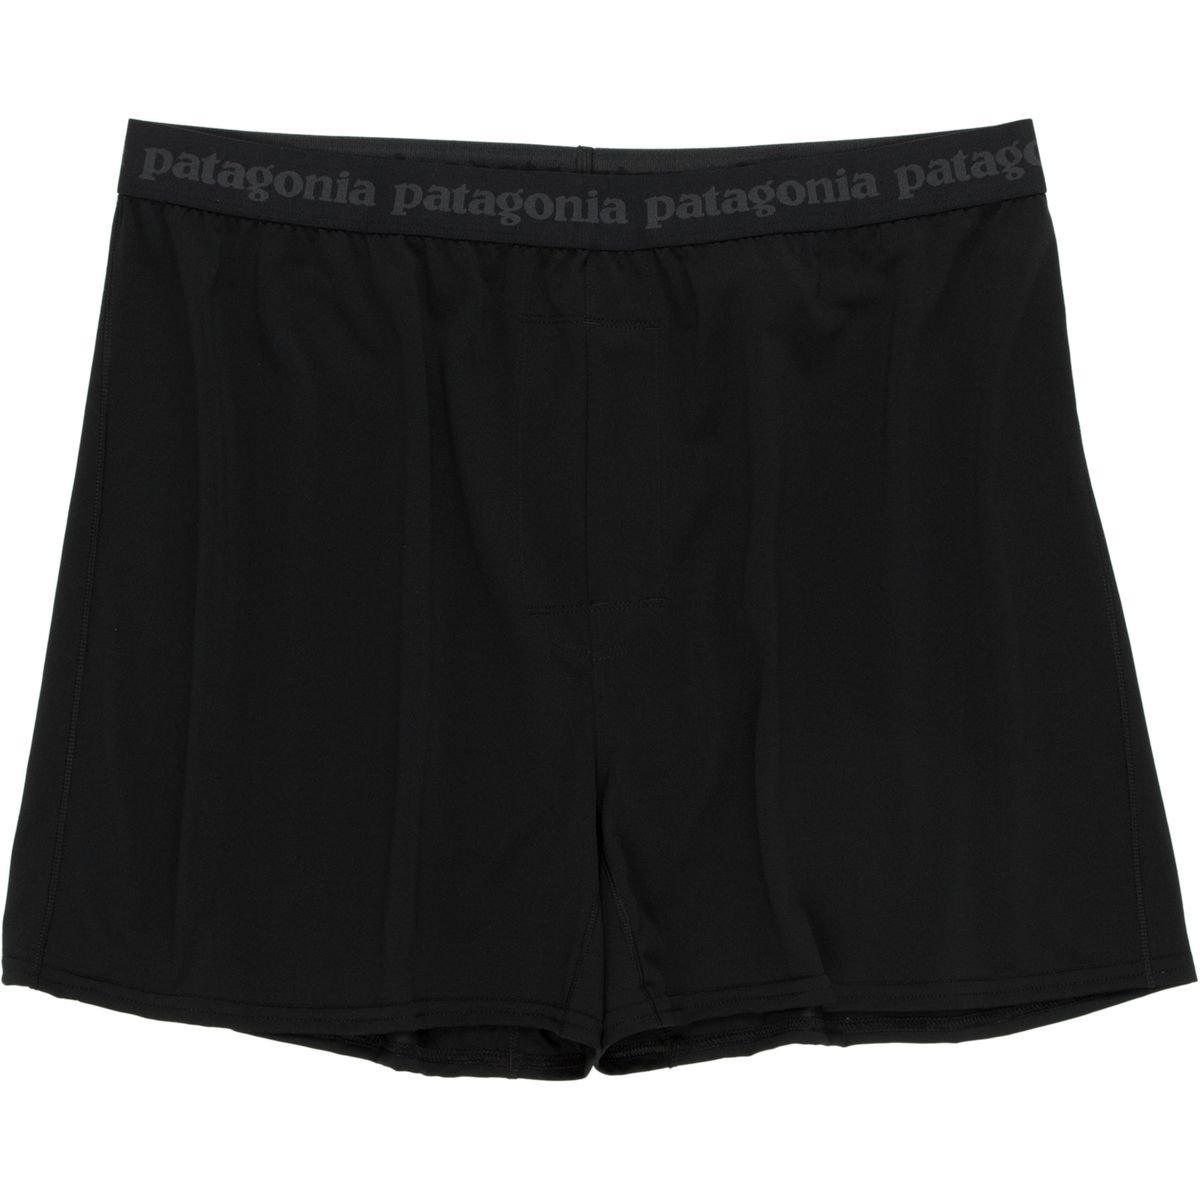 (パタゴニア) Patagonia Capilene Daily Boxer メンズ アンダーウェアBlack [並行輸入品] S ブラック B07H5FLTDW